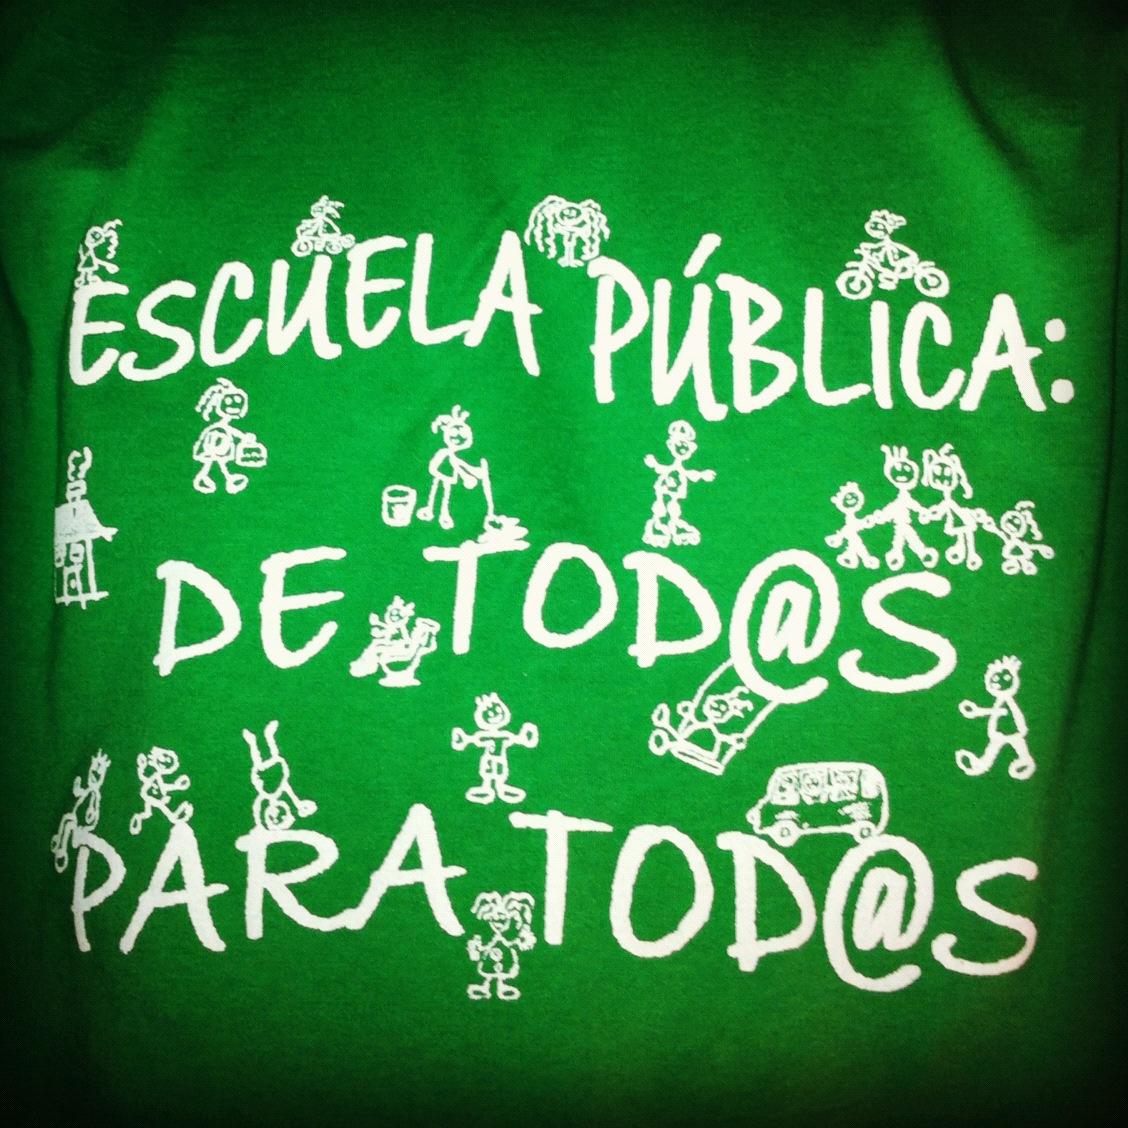 ¡Sí, a la escuela pública!